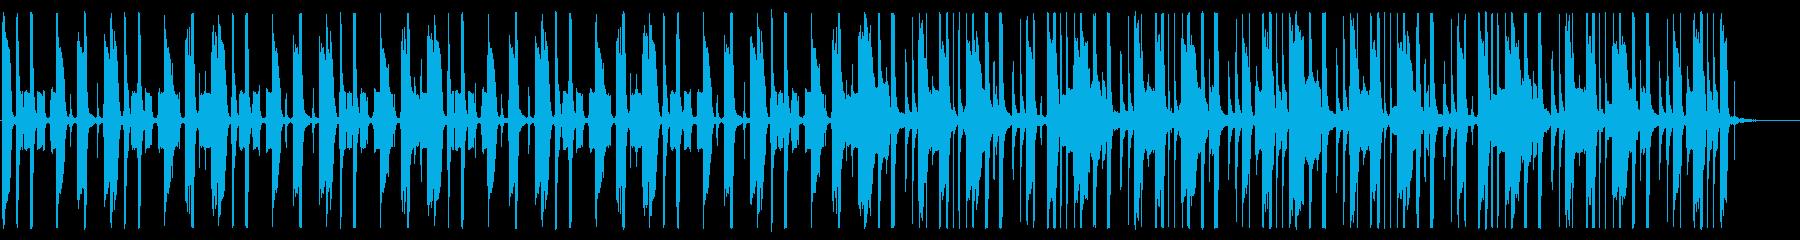 這い寄るHiphop_No485_2の再生済みの波形